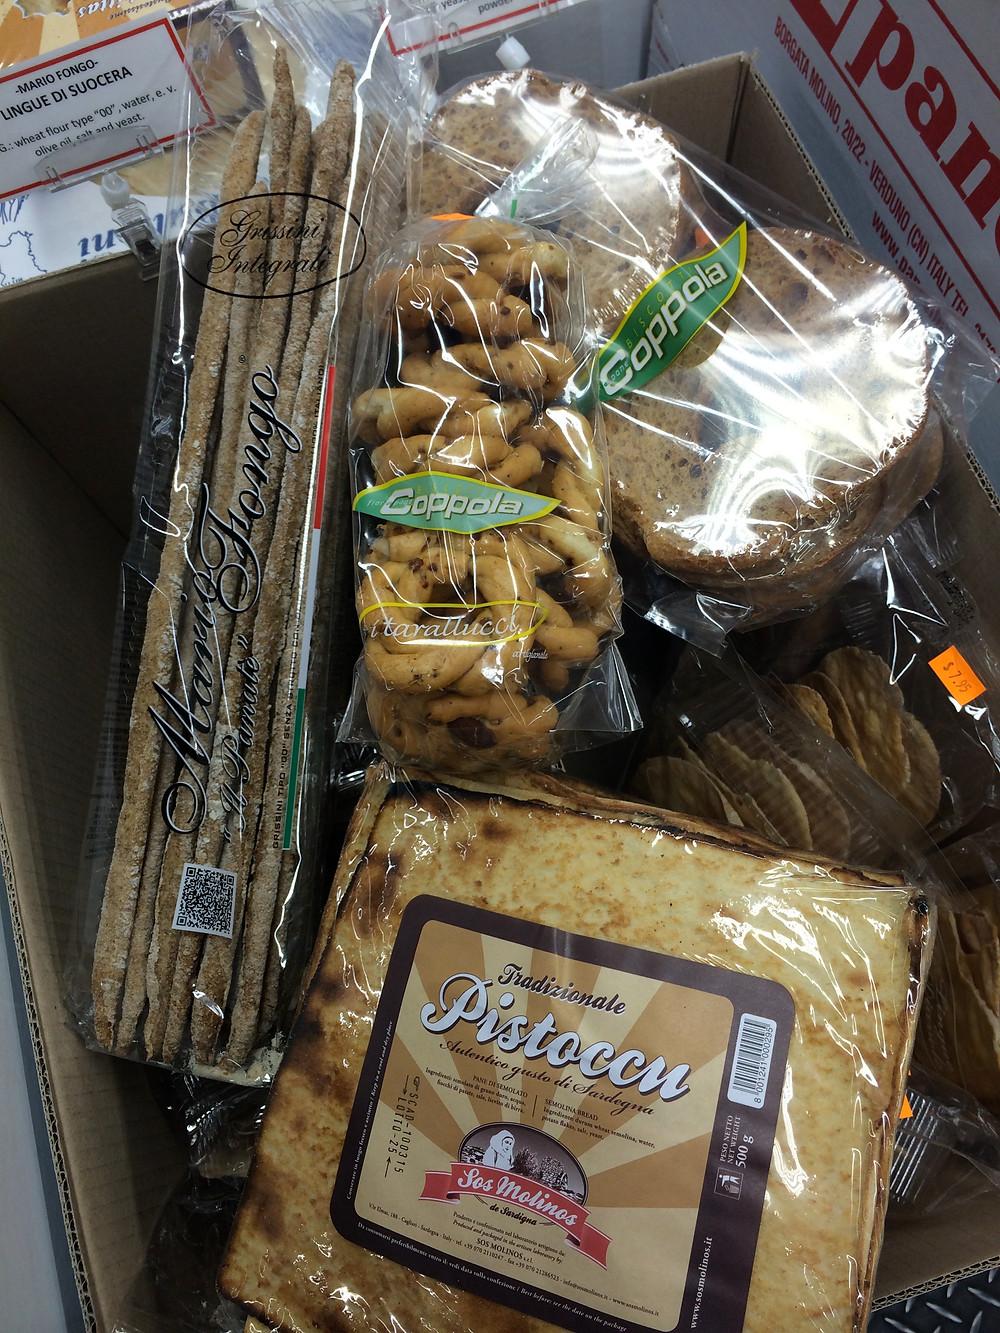 Taralli con Mandorle,  Caponate Bianche, Whole Wheat breadsticks.jpg